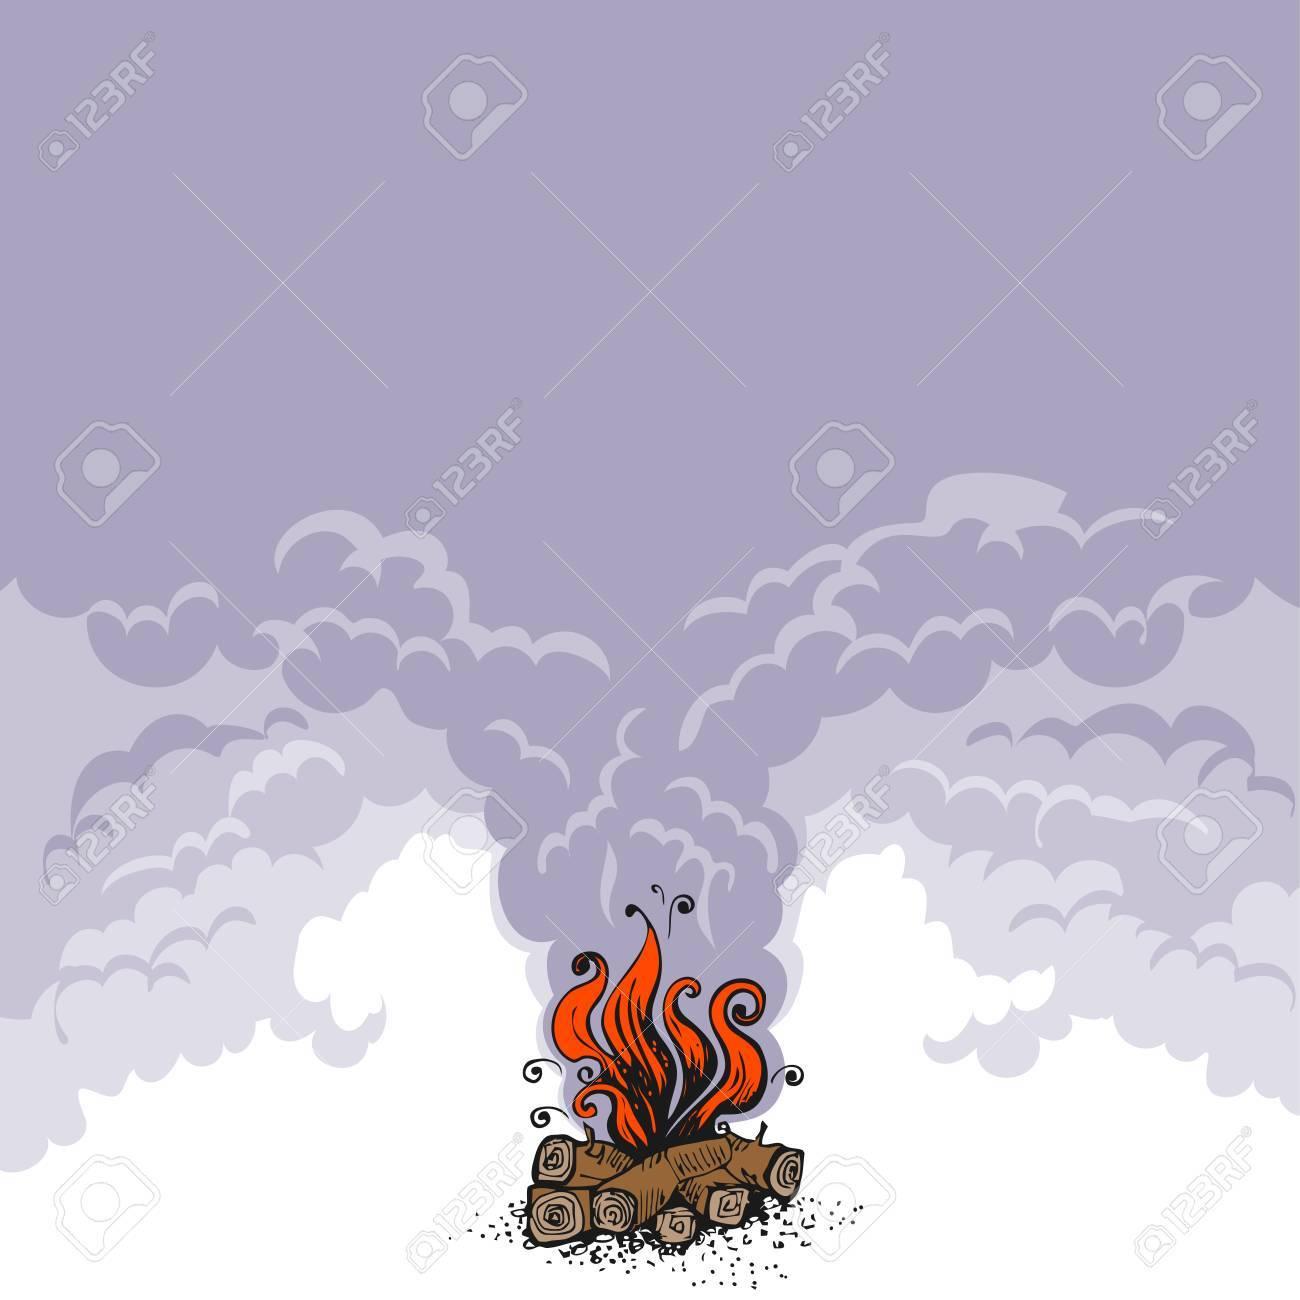 キャンプファイヤー木製の丸太と煙の雲の上の火コピー スペース